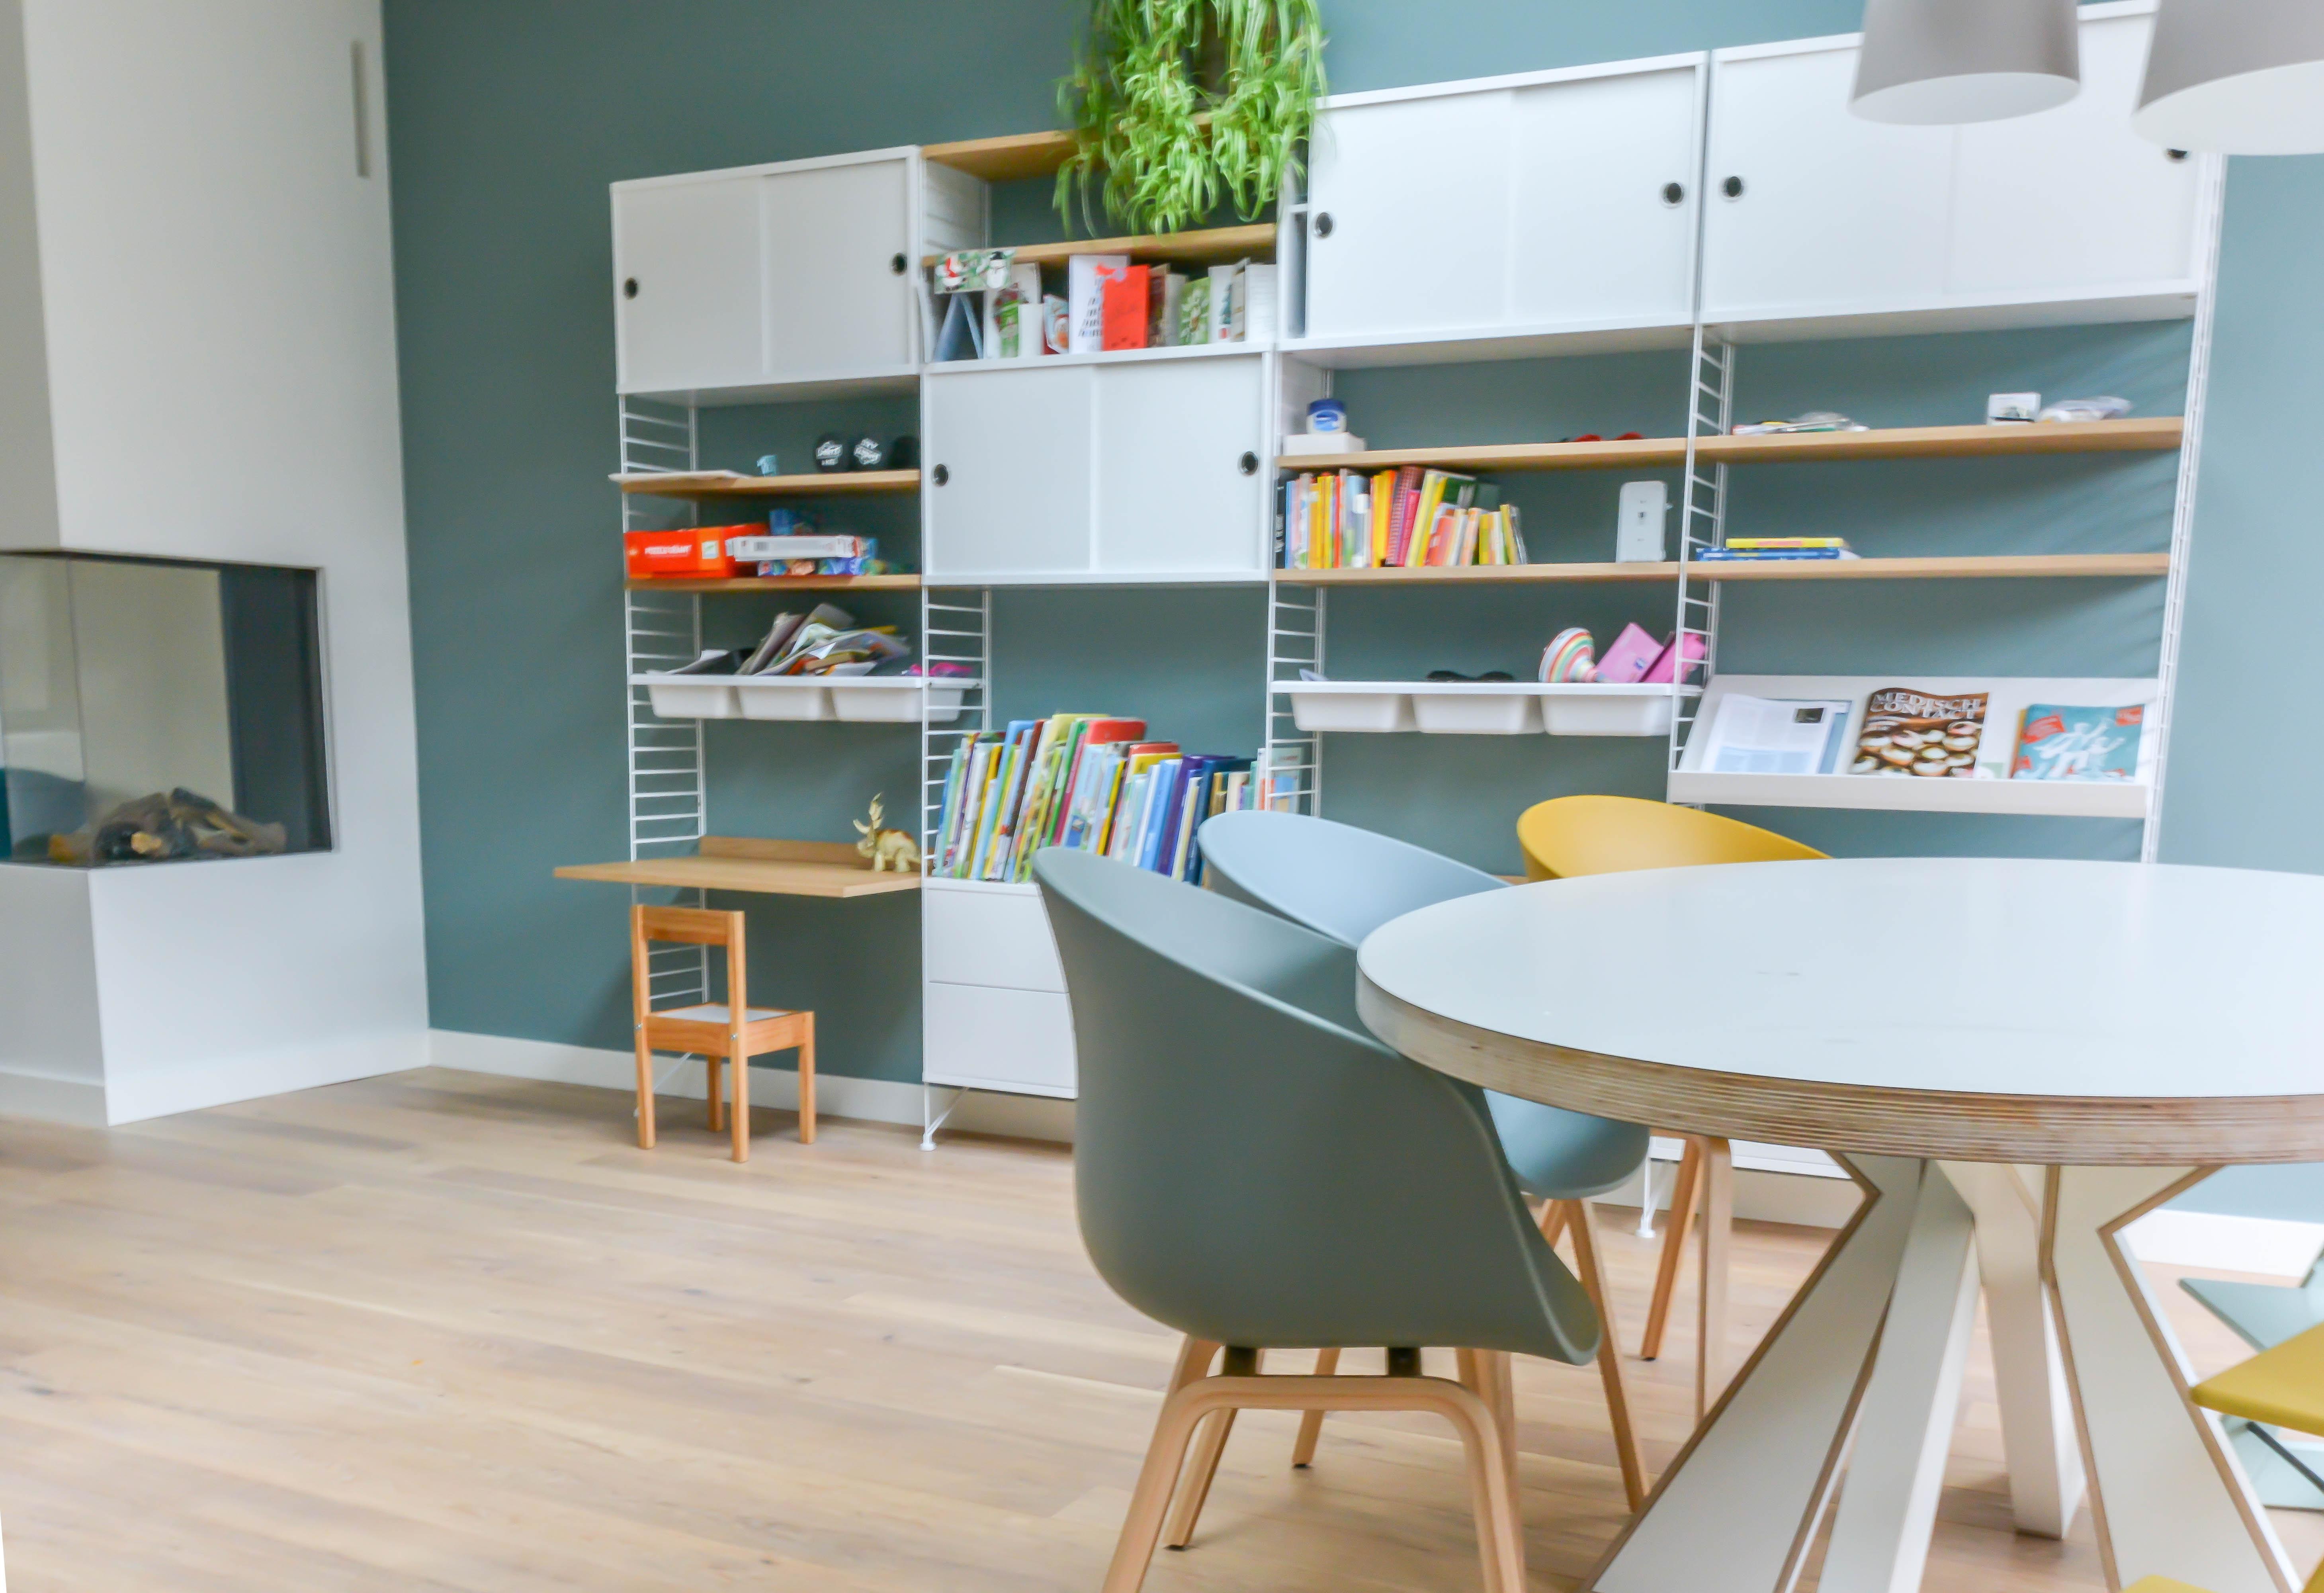 children study room, wooden floor, green wall, dining set, white shelves, floating table on the shelves, wooden stool